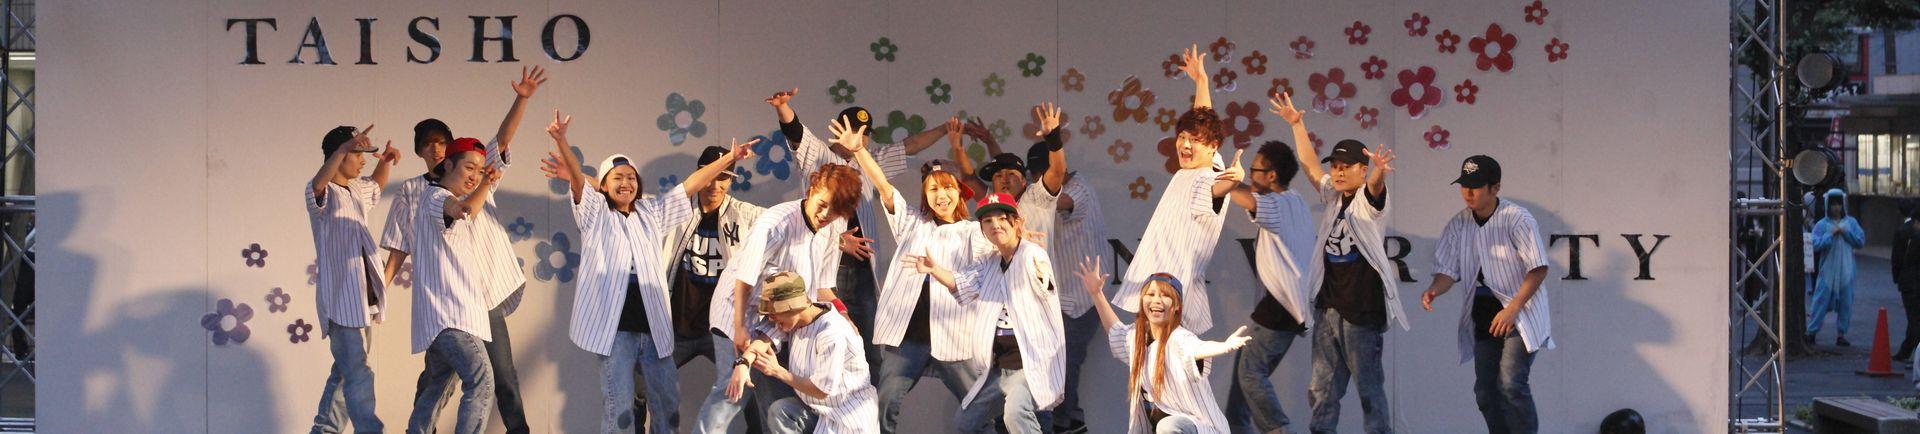 第4回 鴨台祭 - Ohdaisai -